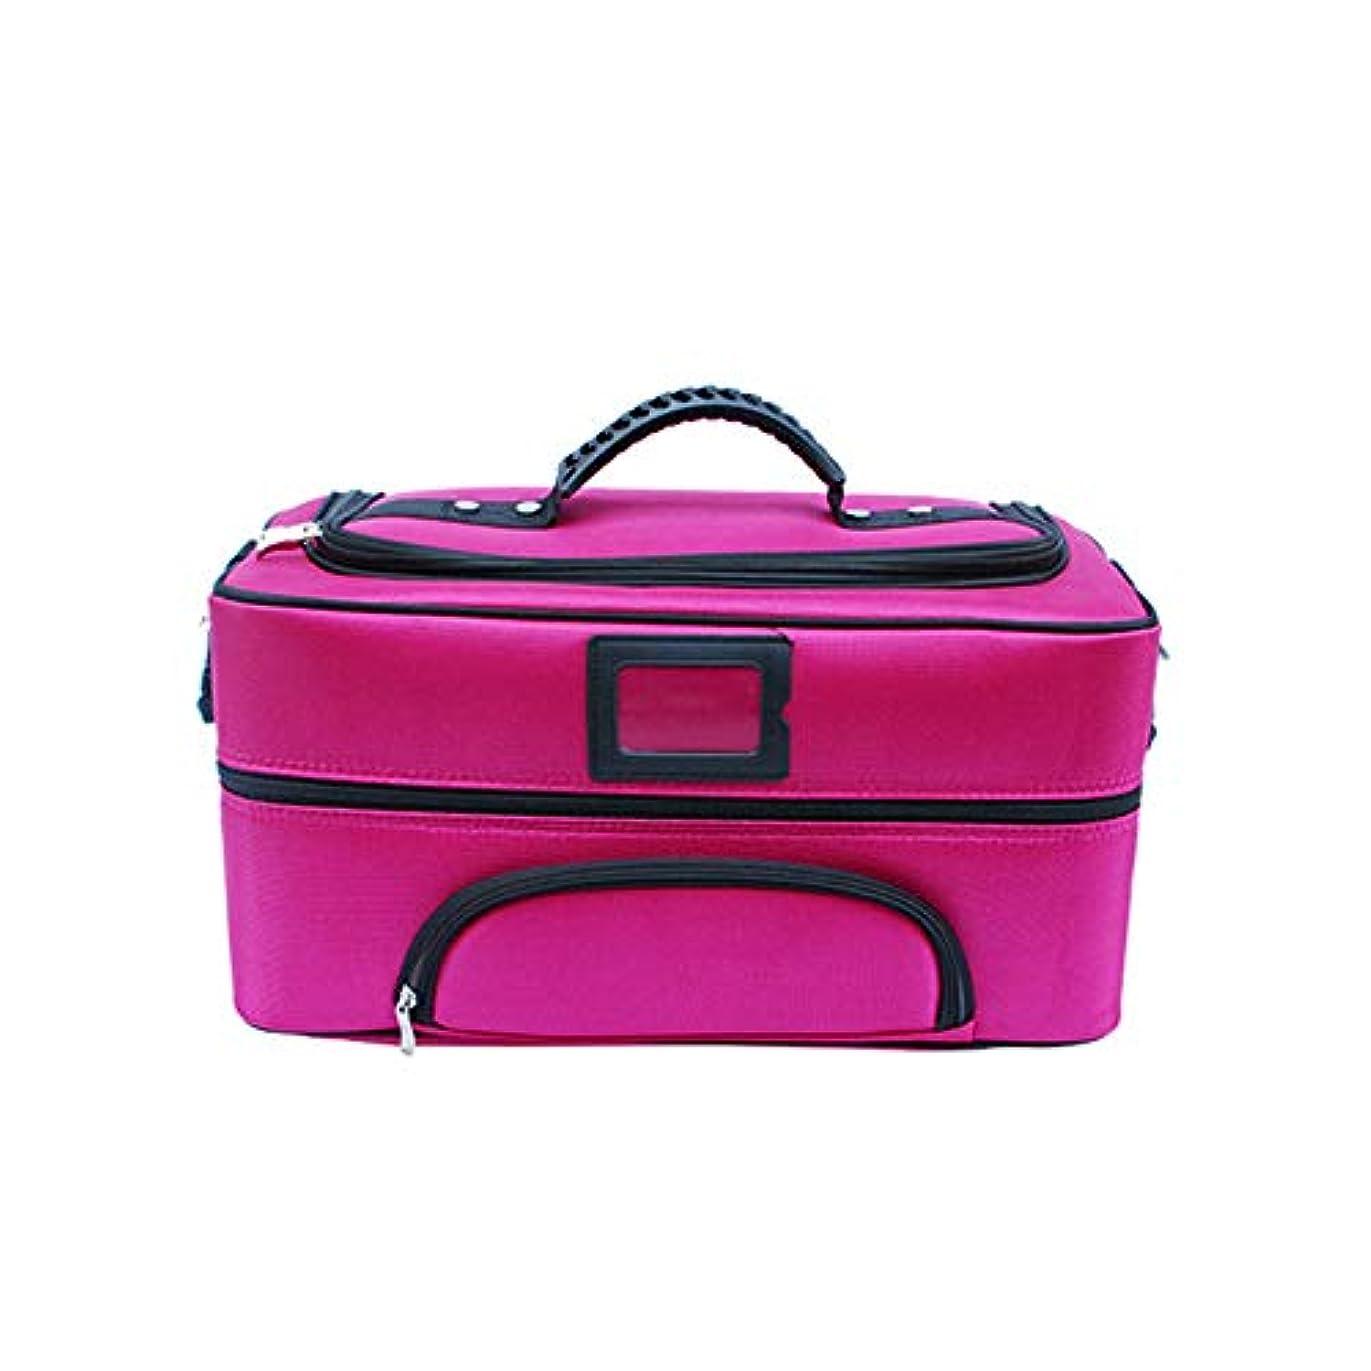 頼む避ける先入観化粧オーガナイザーバッグ ジッパーで旅行と毎日のストレージのための美容メイクアップのポータブルカジュアルメイク化粧品収納ケース 化粧品ケース